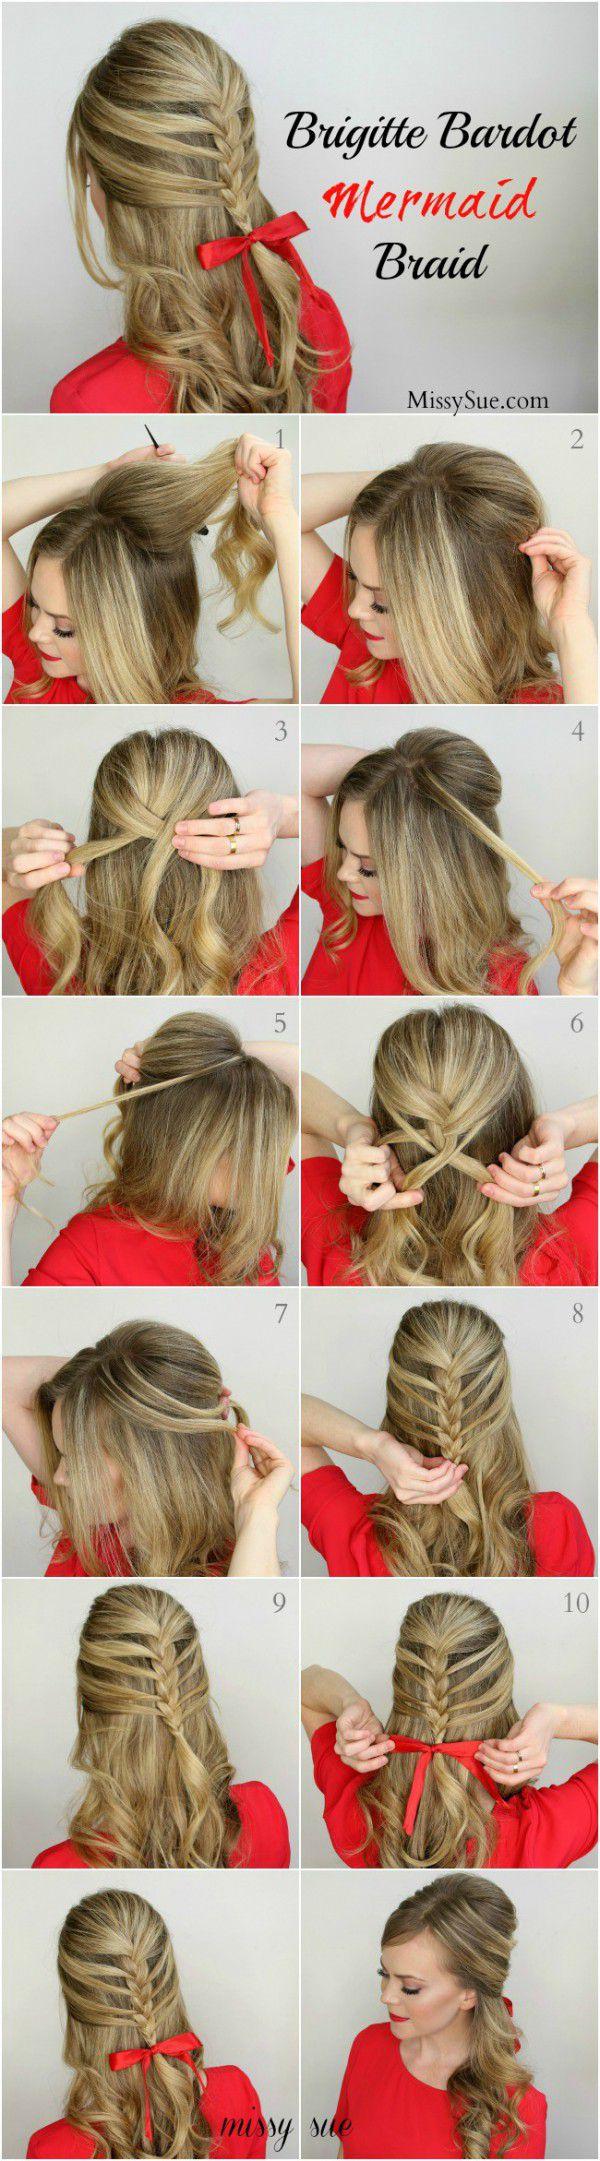 Причёски для девочек поэтапно легко